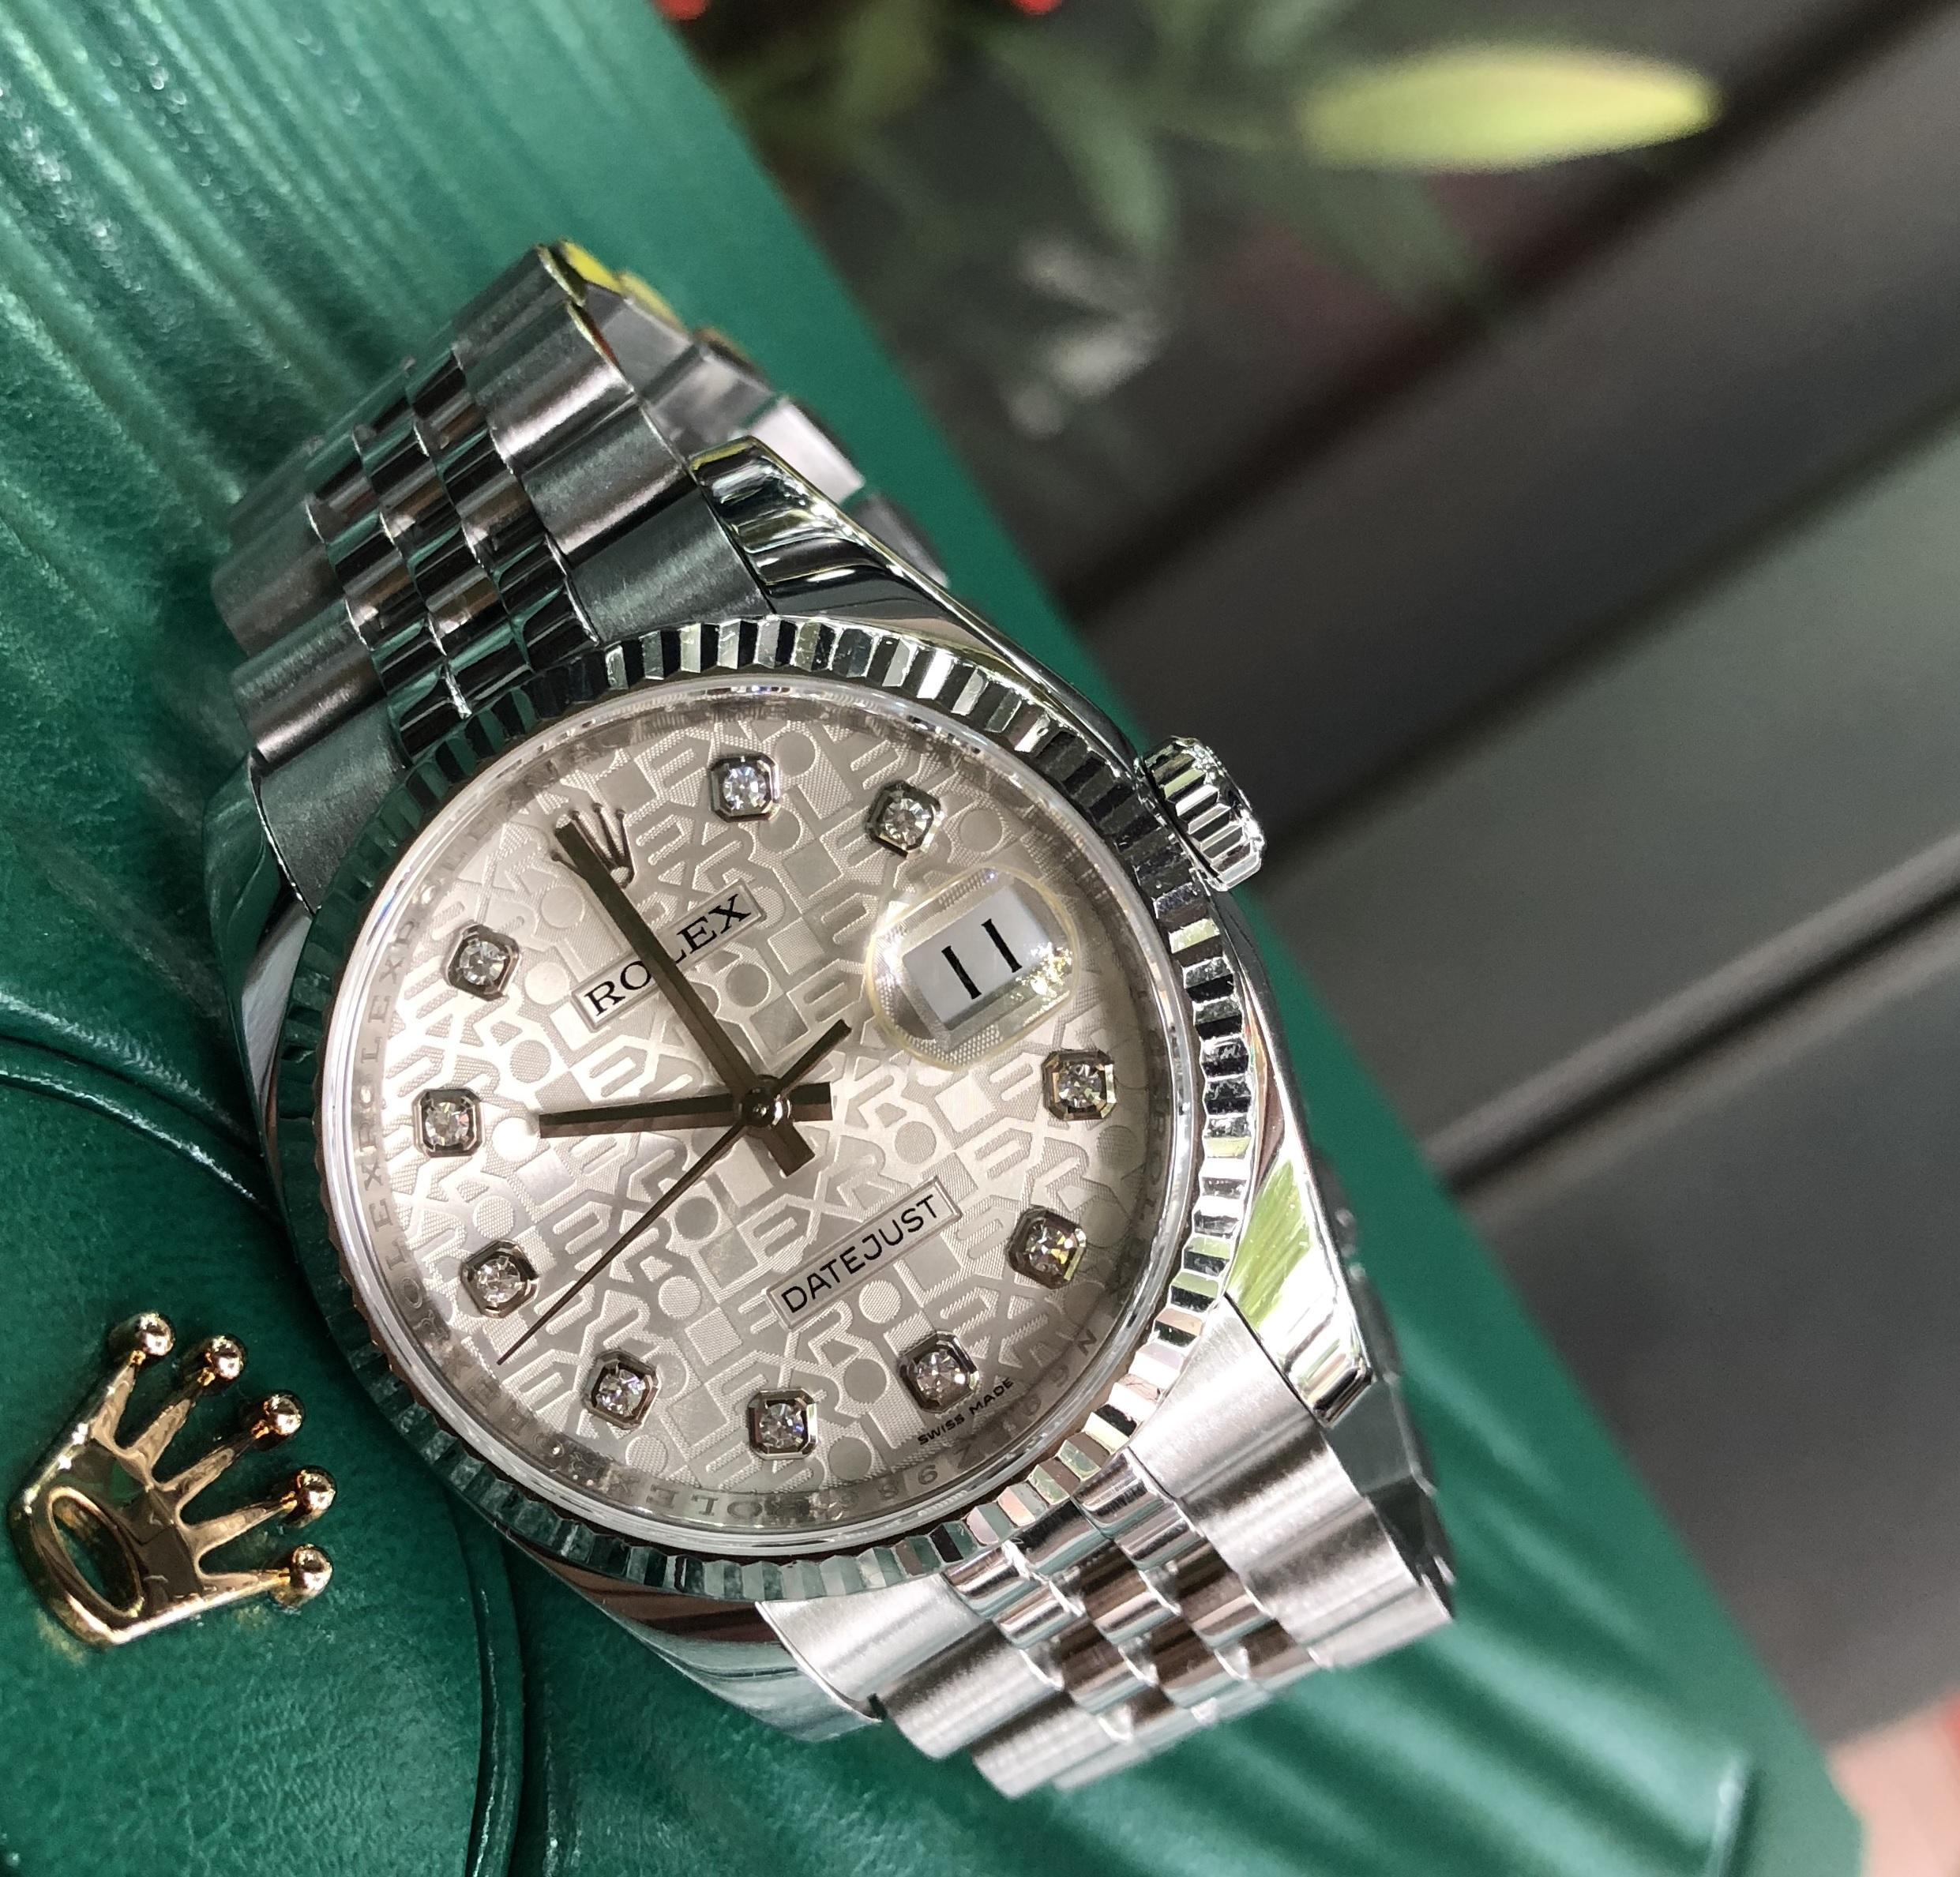 Rolex 116234 mặt vi tính trắng size 36mm đời 2016/2017